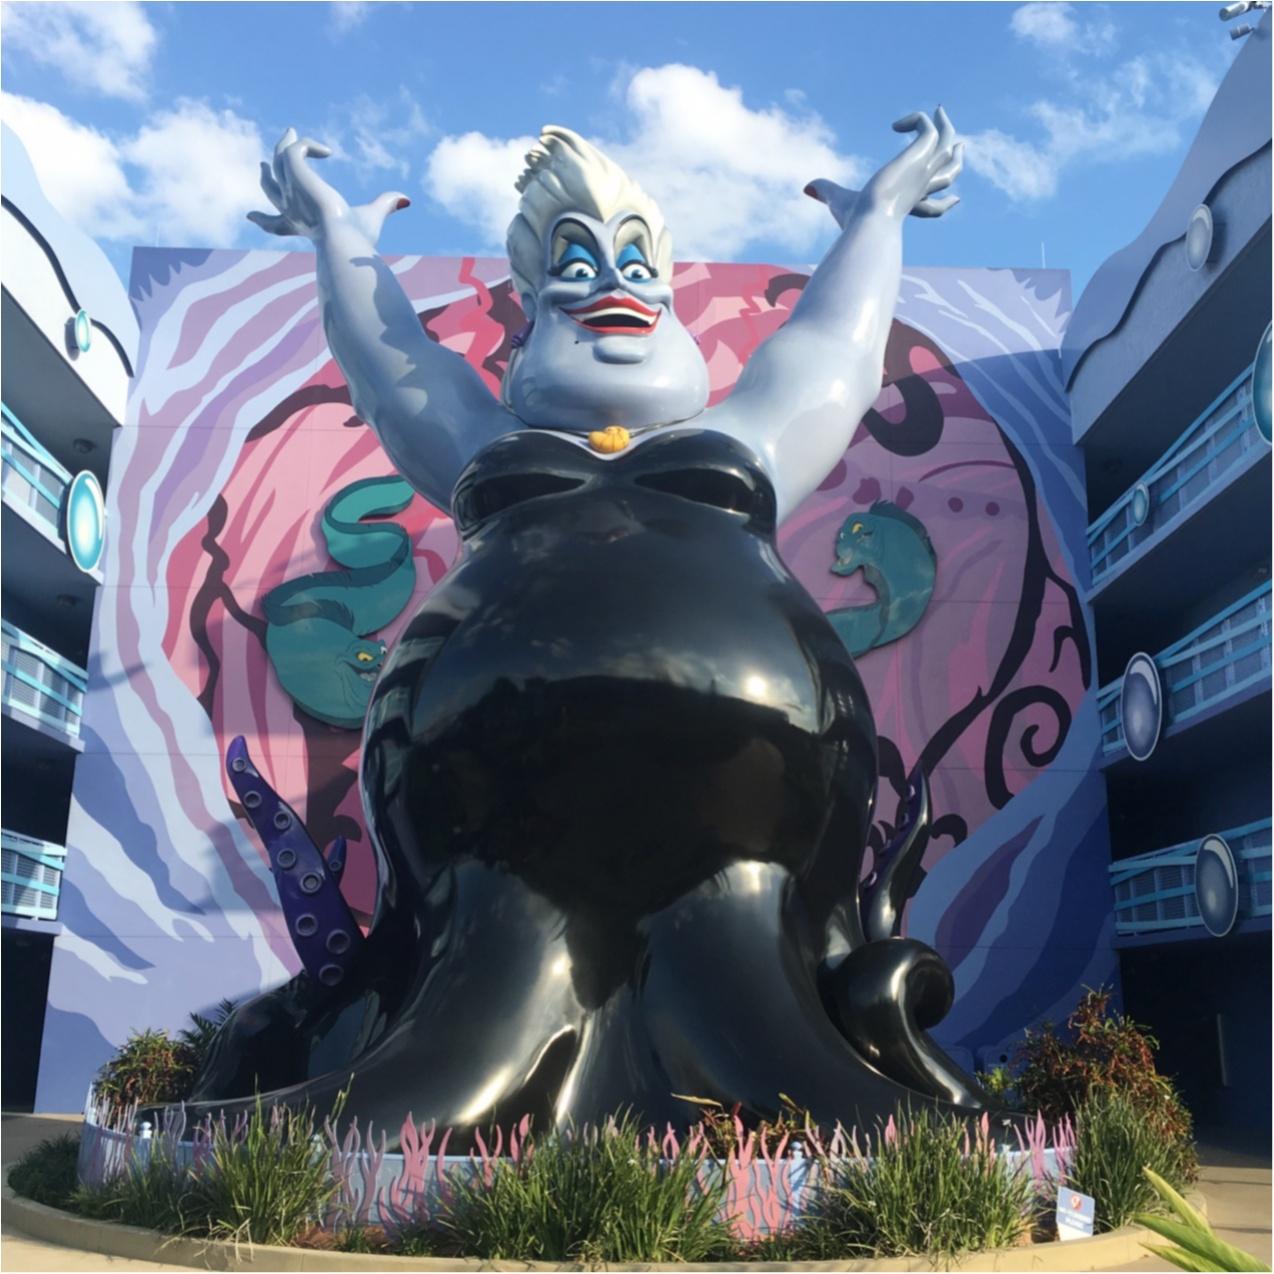 【WDW旅行 】夢の国に泊まりたい!キャラクターいっぱいでかわいい♡ディズニーアートオブアニメーションリゾートホテル ♪_2